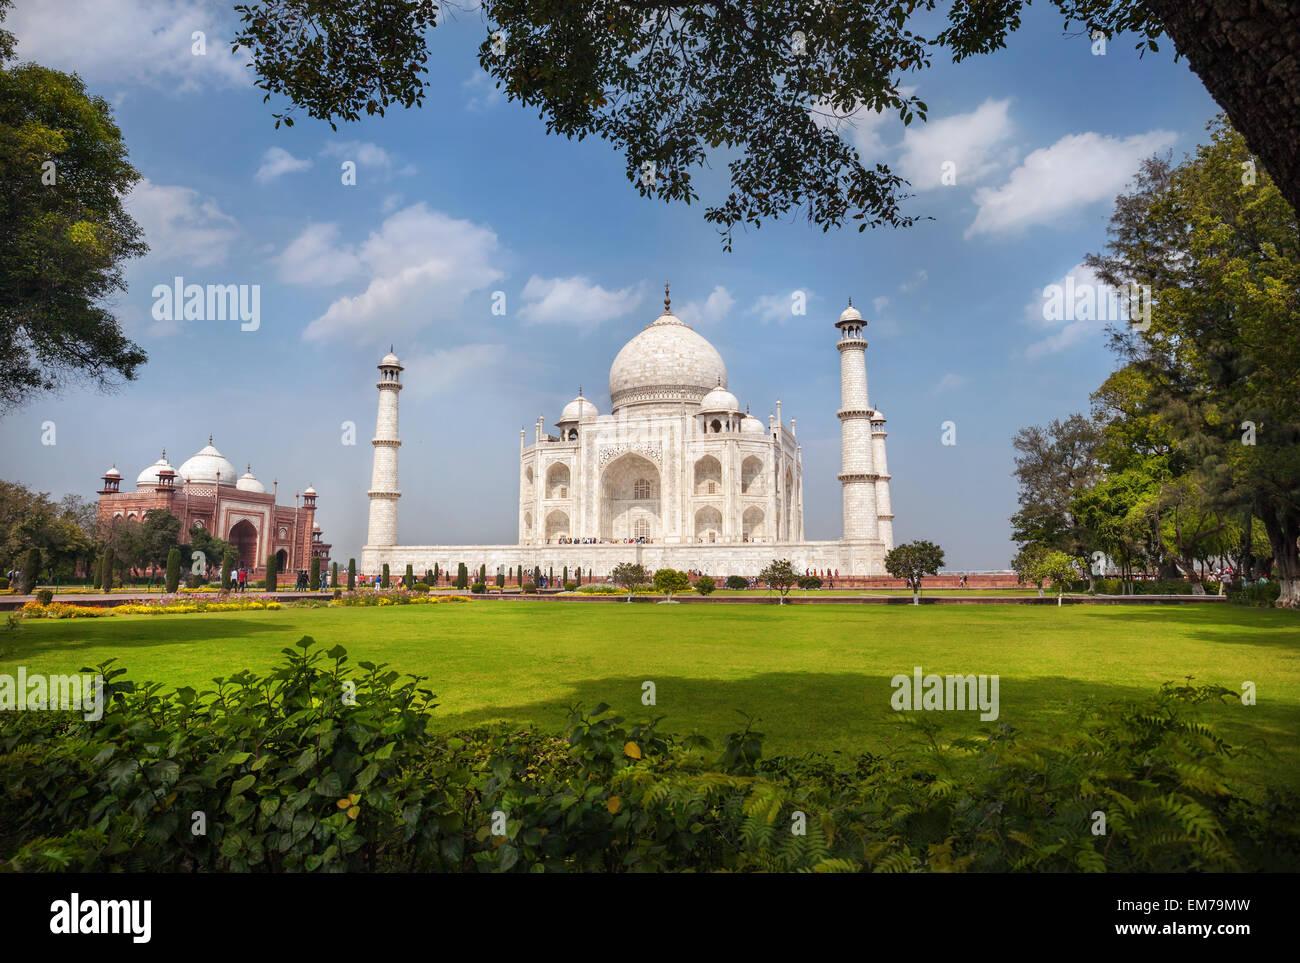 Taj Mahal tomba e di erba verde al blu cielo nuvoloso in Agra, Uttar Pradesh, India Immagini Stock